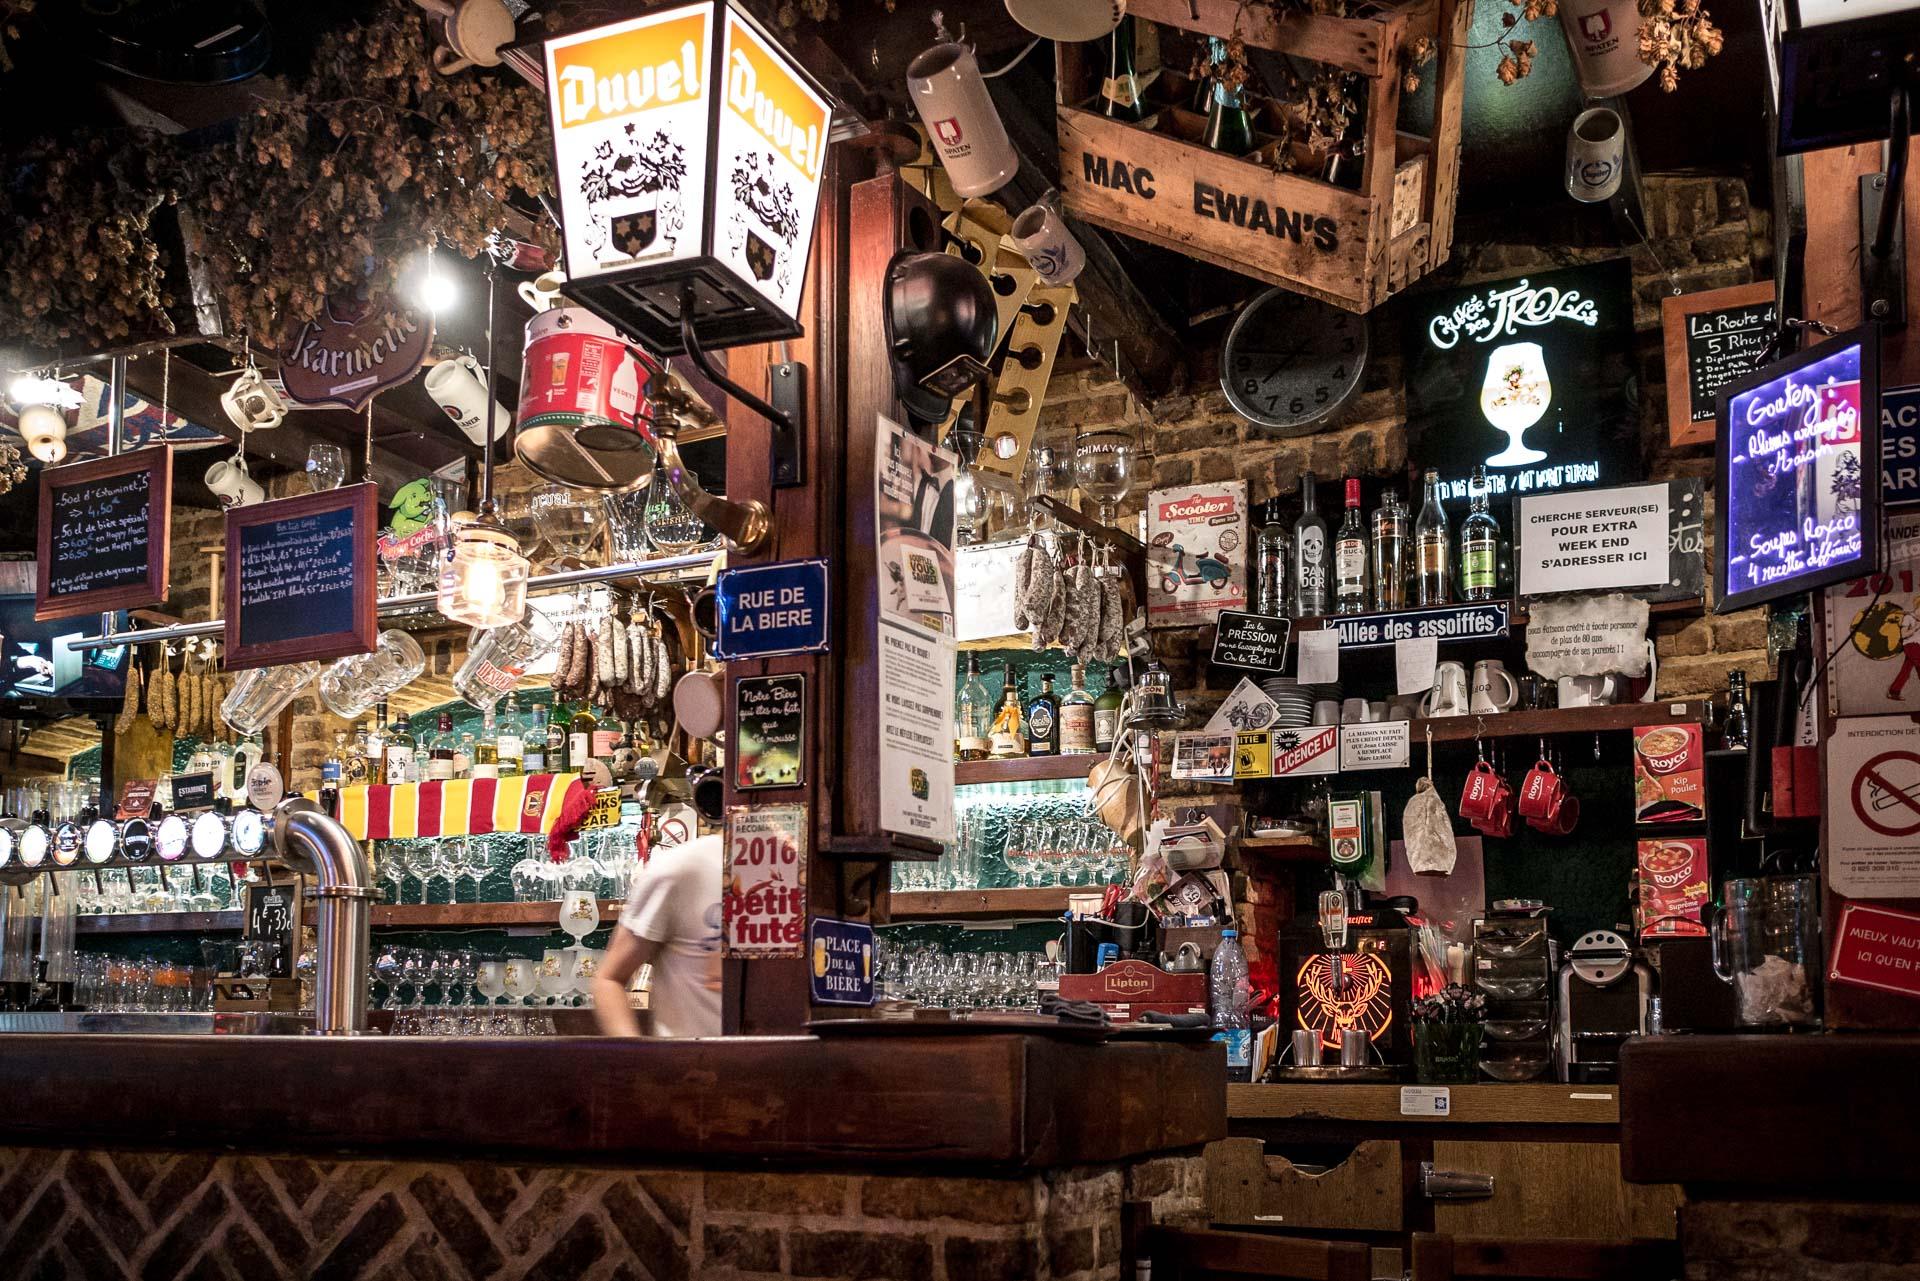 Lens Mac Evans Pub - Sport Bar-2